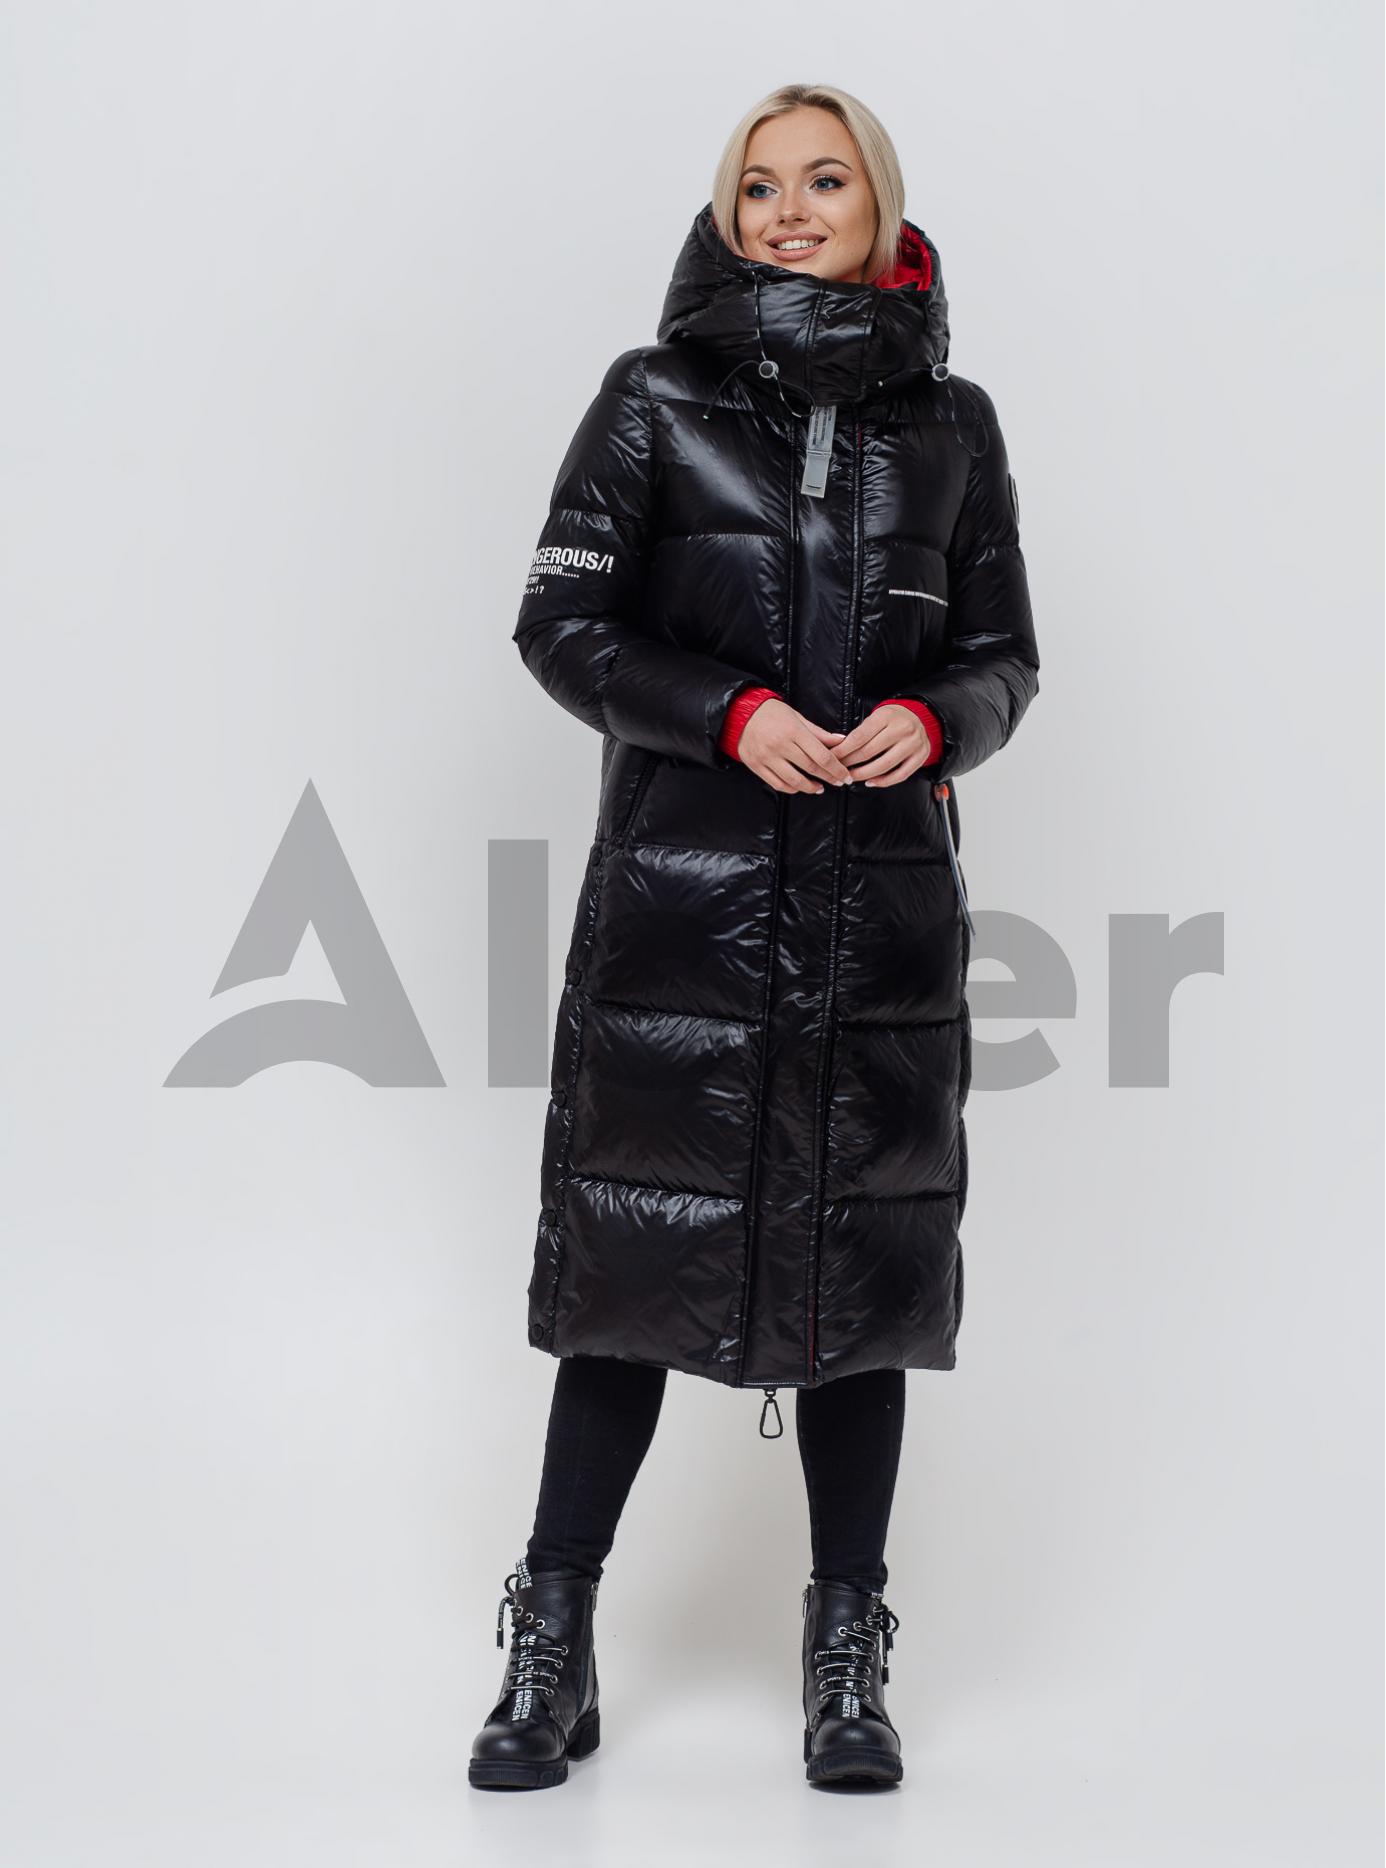 Пуховик жіночий Чорний L (05-SV201206): фото - Alster.ua